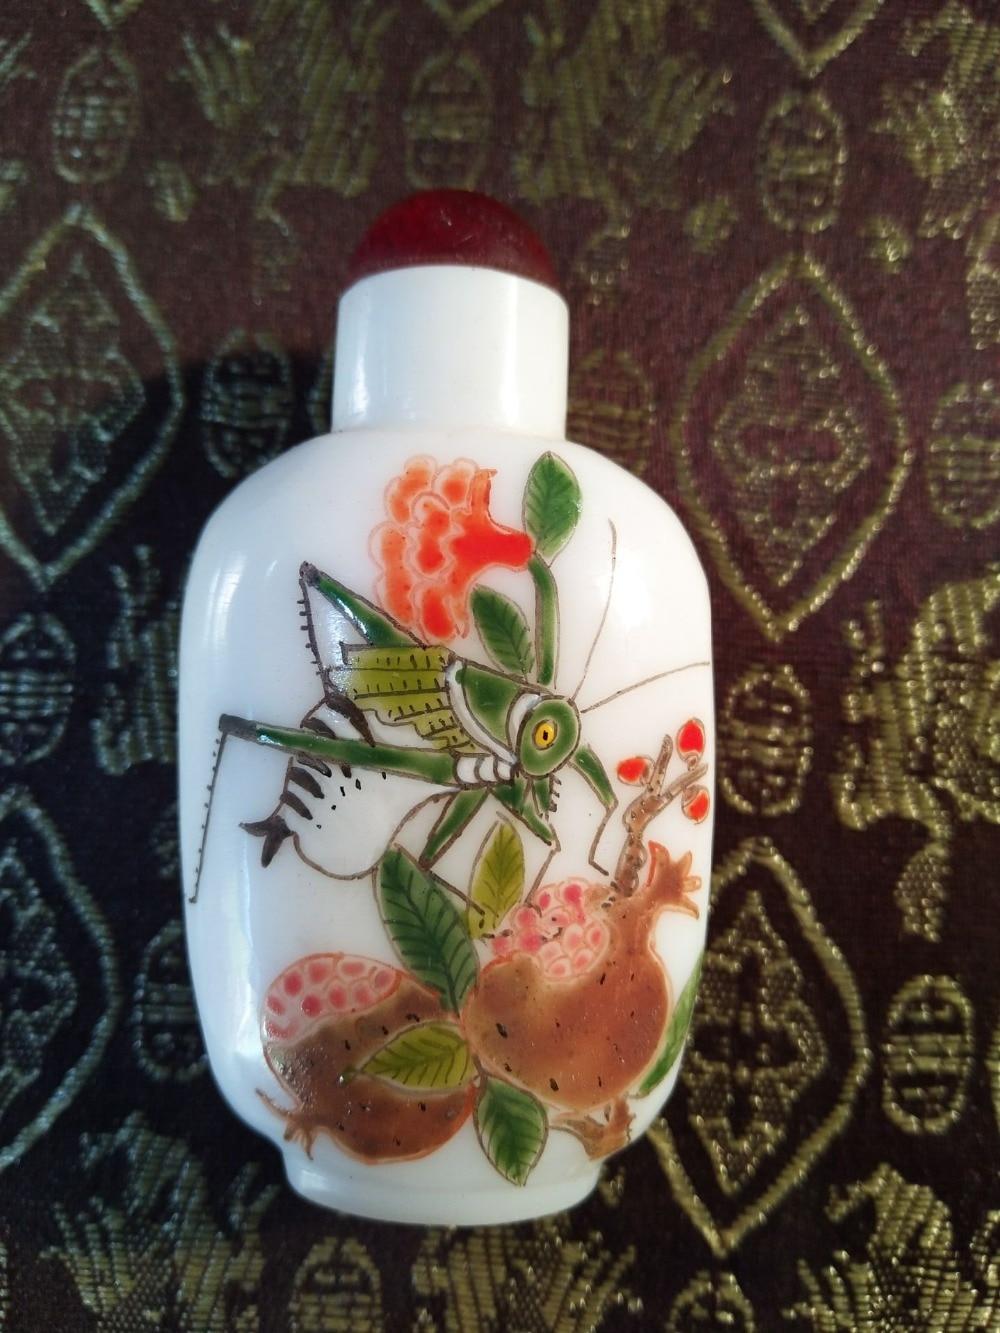 Download 91 Koleksi Gambar Lukisan Bunga Sakura Dari Botol Coca Cola Gratis Terbaik